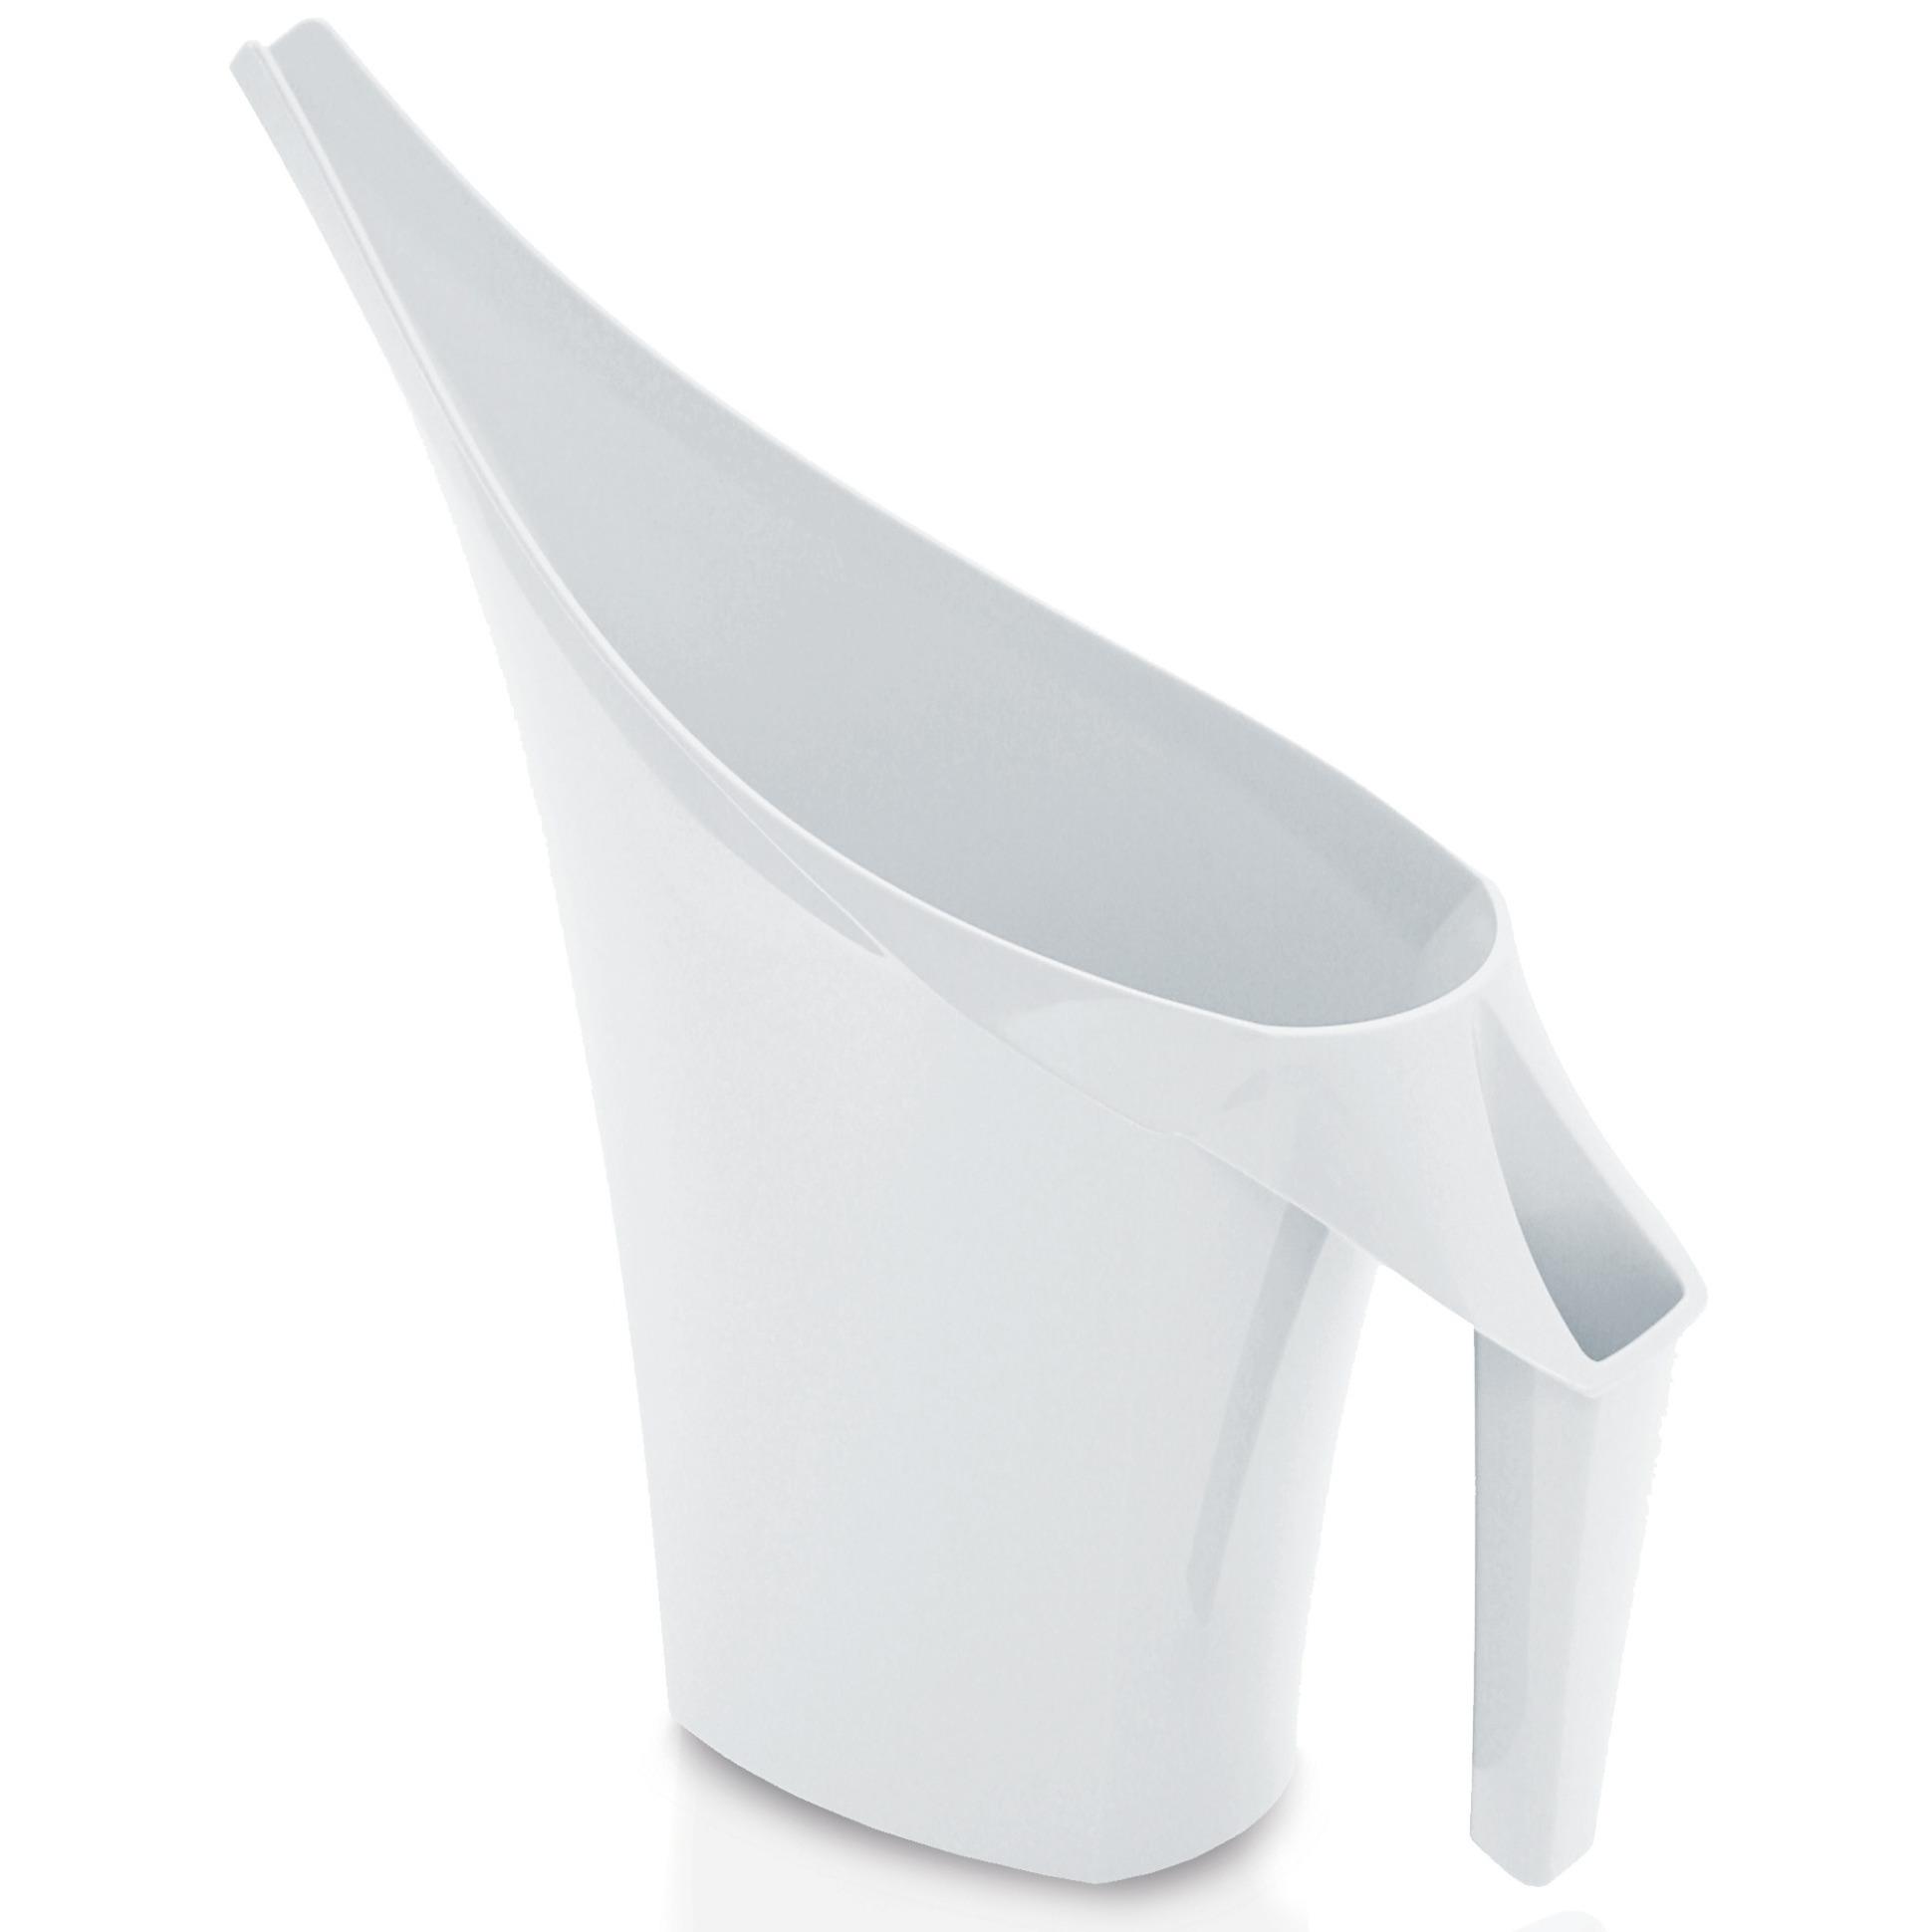 1x Stuks witte bloemen-planten gieters kunststof 2 liter